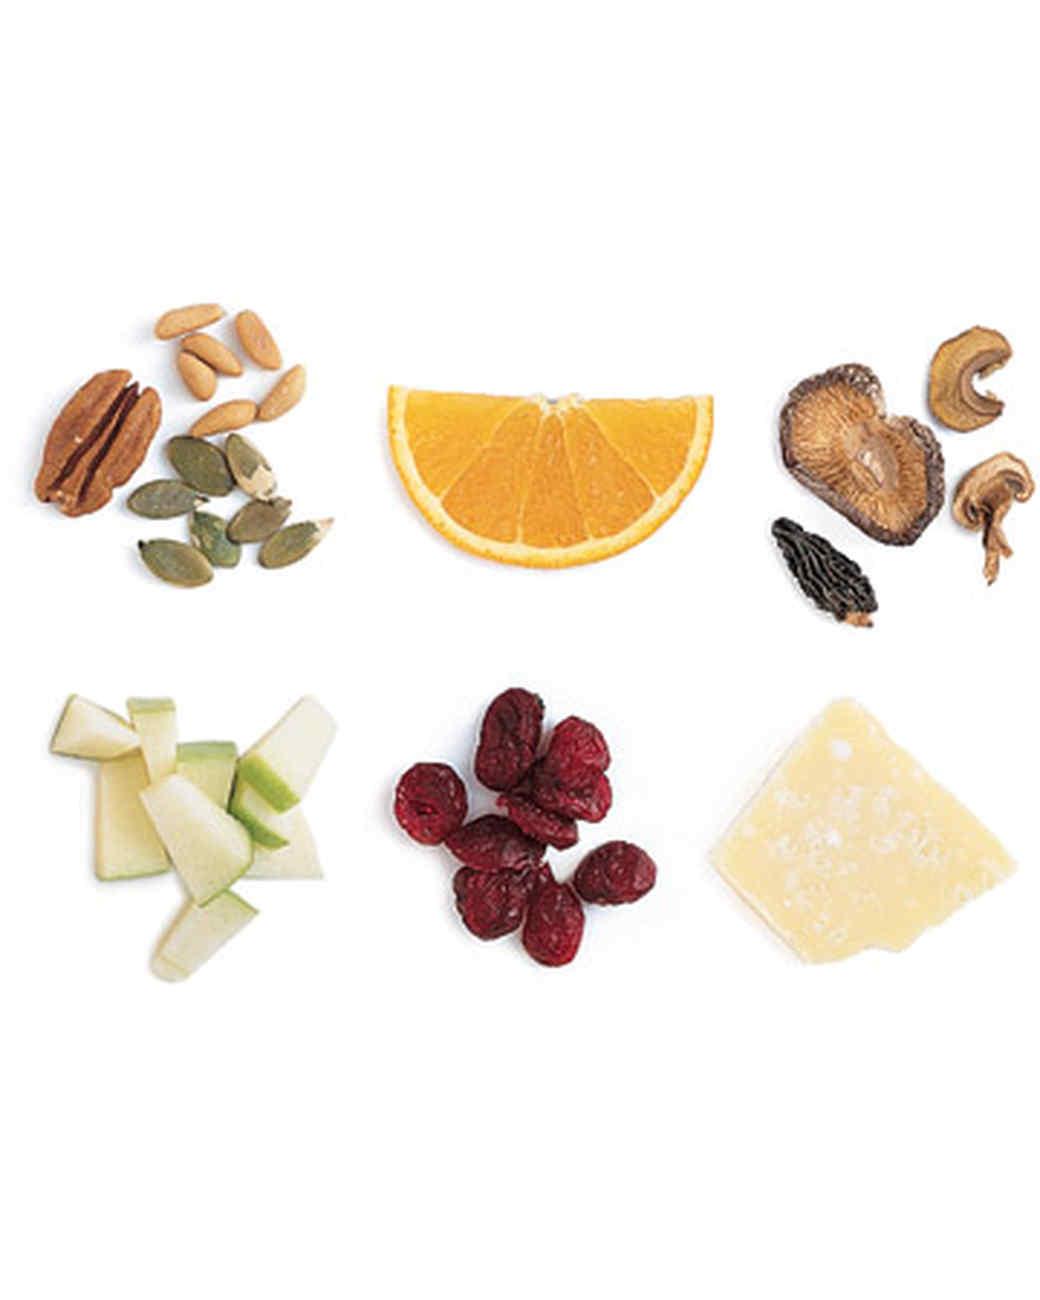 msl_1102_fruit_nuts.jpg